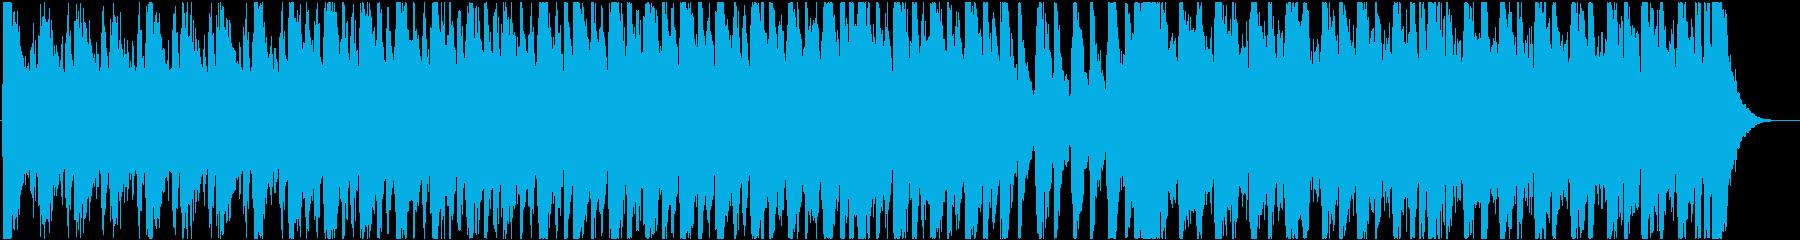 OrBrass&Pianoの再生済みの波形